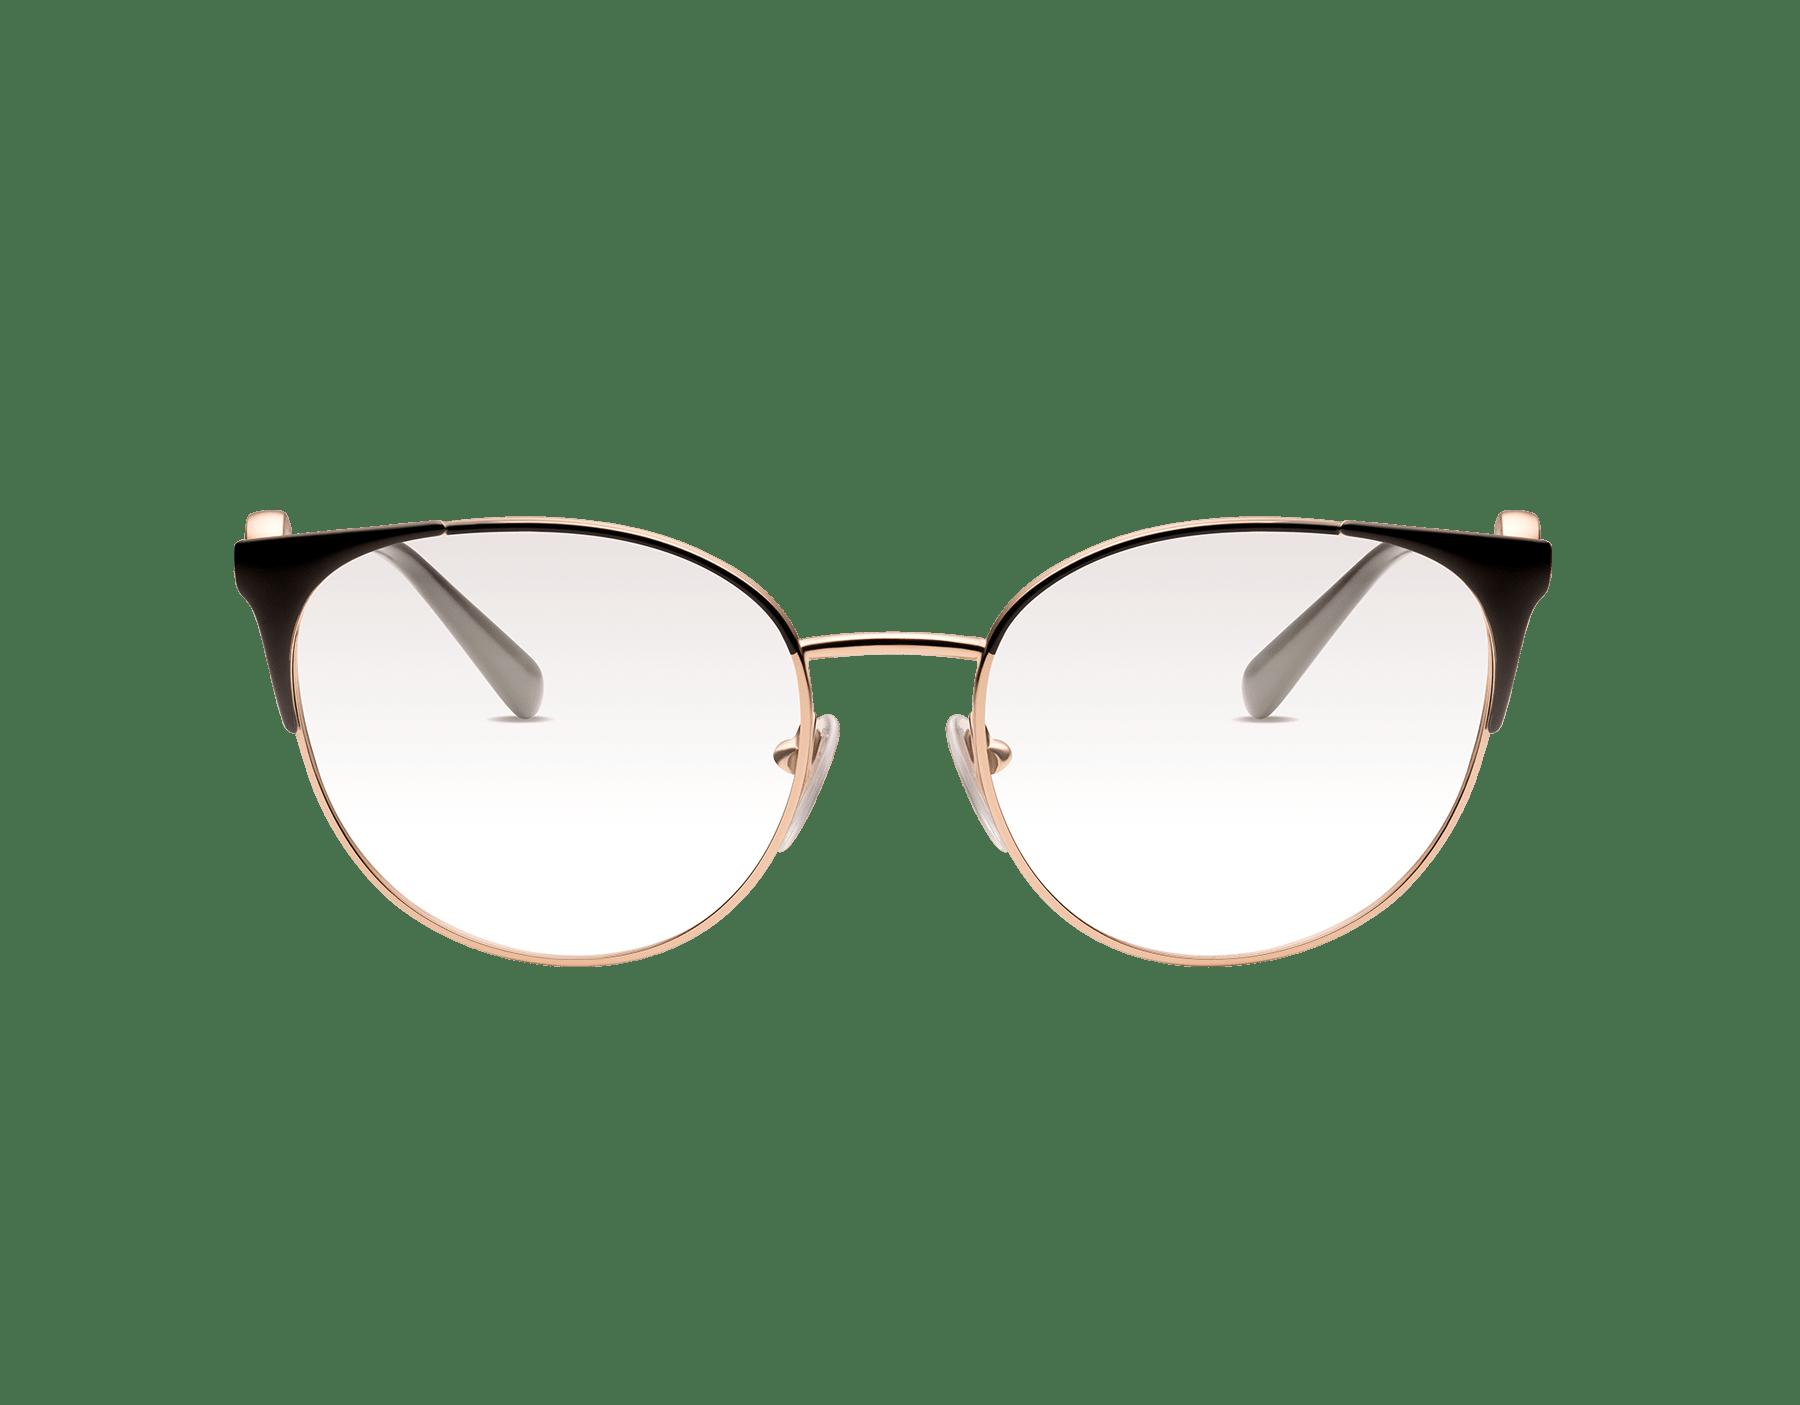 Runde Bvlgari Bvlgari Brille aus Metall. 903553 image 2